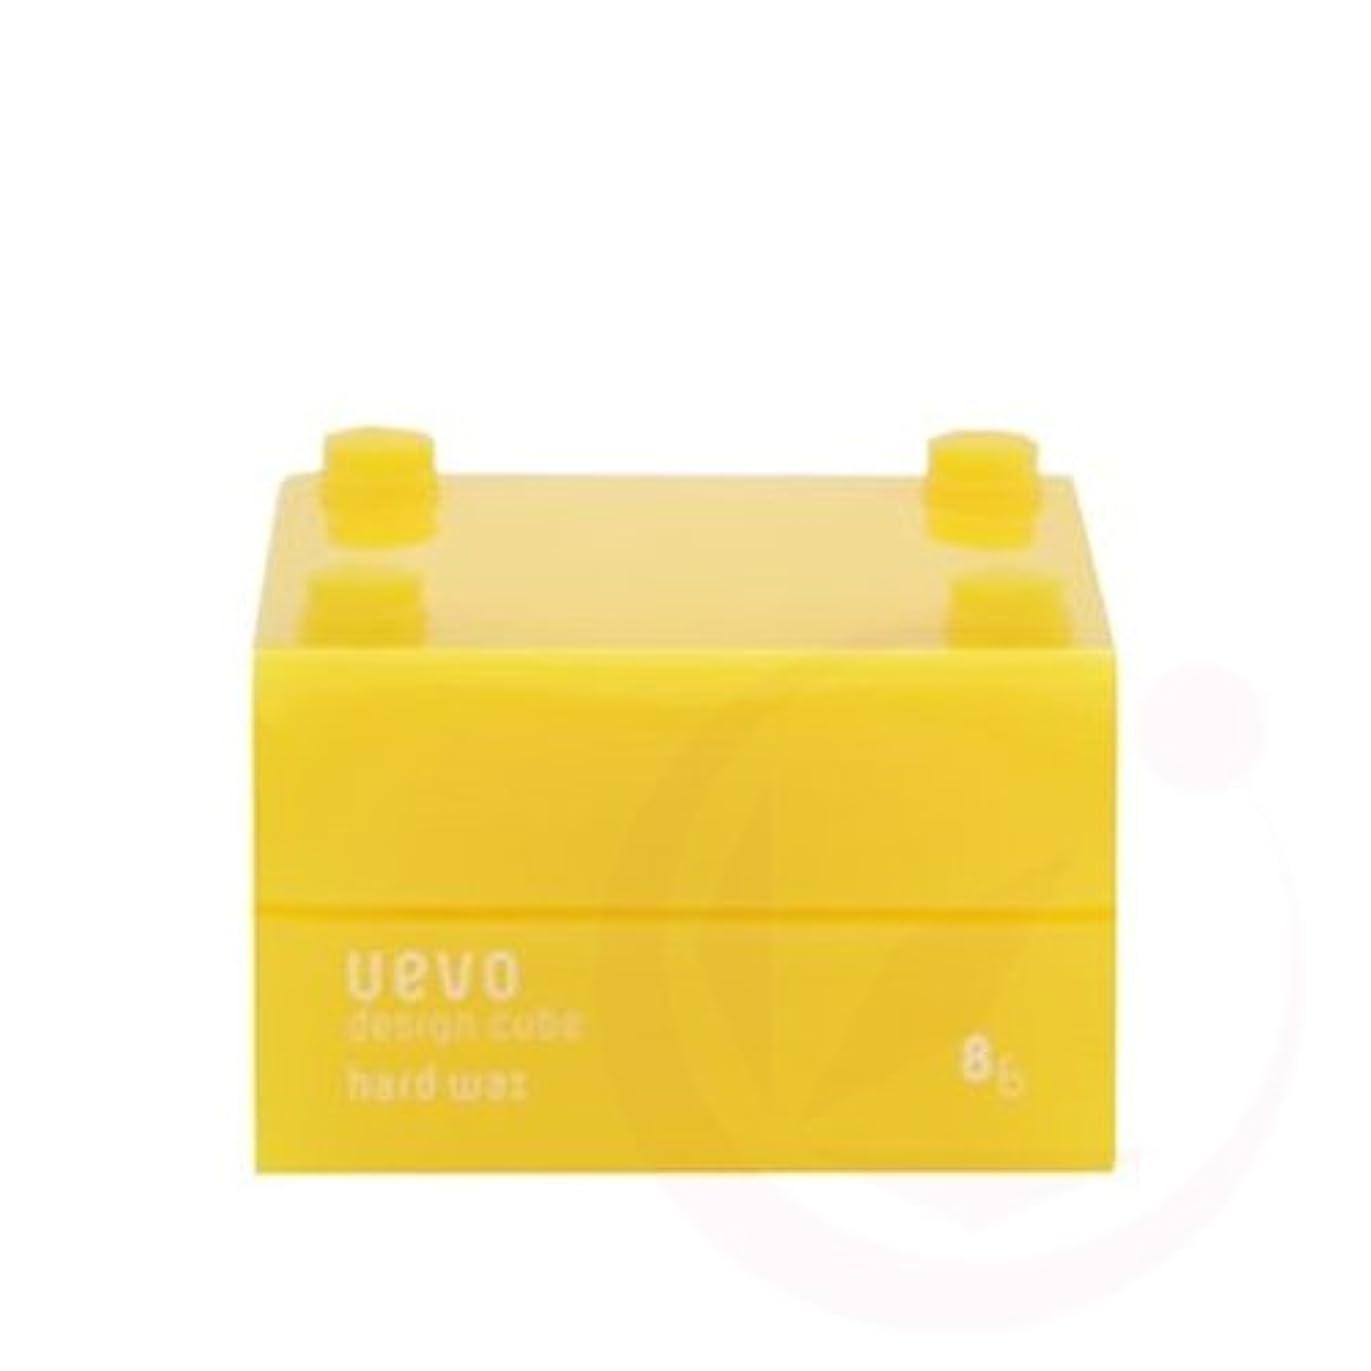 ツール内向き骨折【デミコスメティクス】ウェーボ デザインキューブ ハードワックス 30g